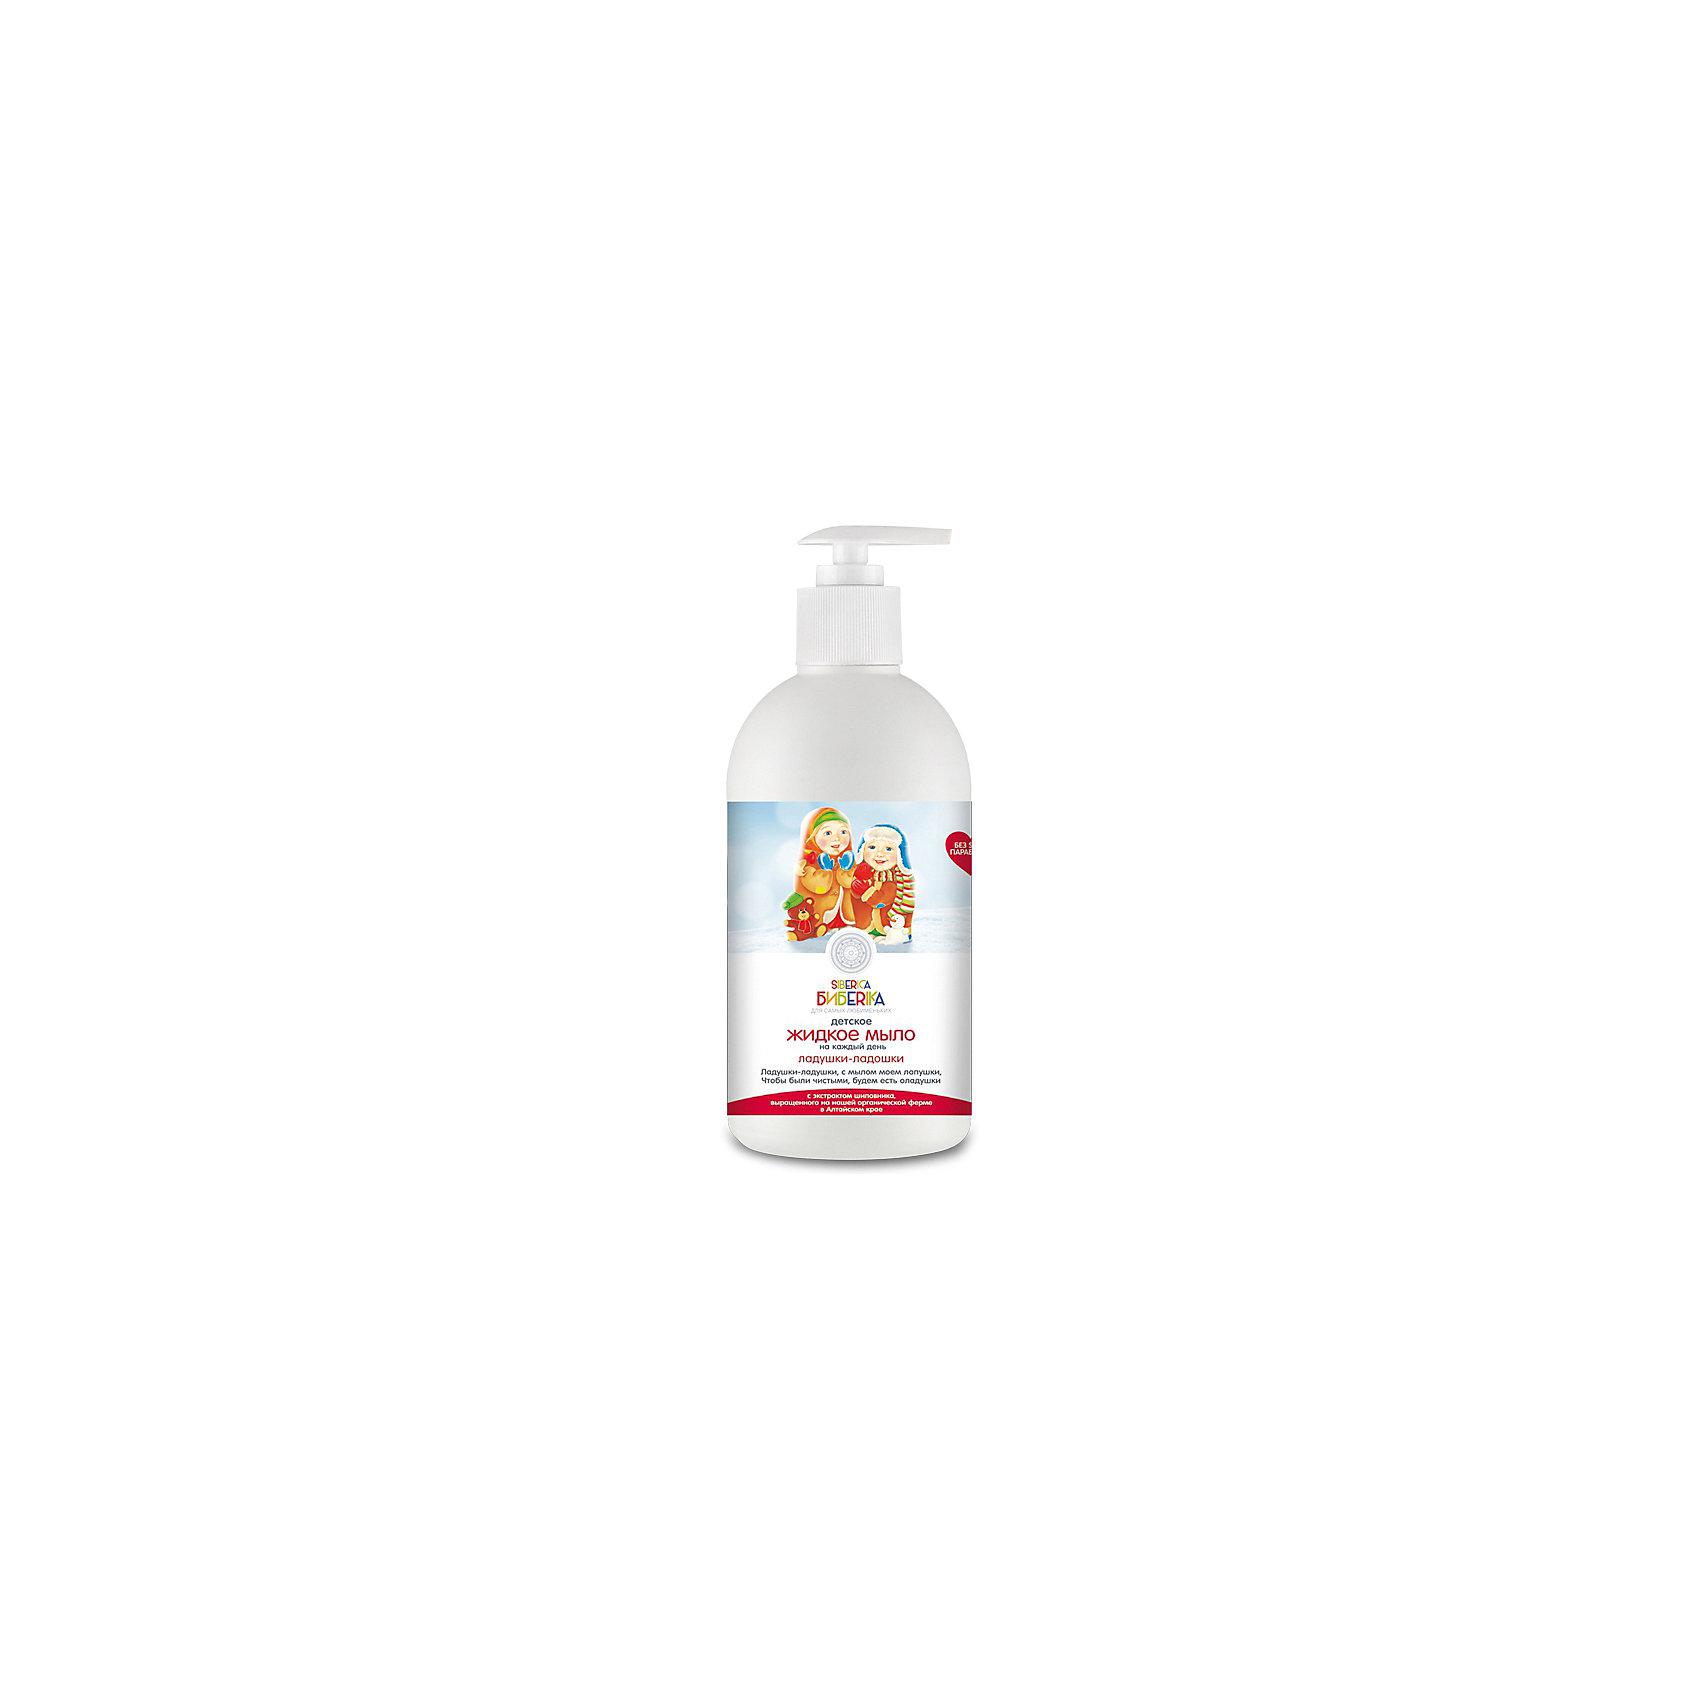 Мыло жидкое на каждый день Ладушки-ладошки, 500 мл, Siberica БибеrikaБытовая химия<br>Детское жидкое мыло образует пушистую пенку, которая мягко очищает нежную кожу малыша и надежно защищает от бактерий.  Органический экстракт мыльного корня – натуральная моющая основа, которая эффективно удаляет загрязнения, легко смывается и не сушит кожу. Органический экстракт шиповника смягчает, увлажняет и успокаивает кожу. Органический экстракт таежной березы оказывает антисептическое и противовоспалительное действия.<br><br>Ширина мм: 75<br>Глубина мм: 75<br>Высота мм: 185<br>Вес г: 550<br>Возраст от месяцев: -2147483648<br>Возраст до месяцев: 2147483647<br>Пол: Унисекс<br>Возраст: Детский<br>SKU: 4796711